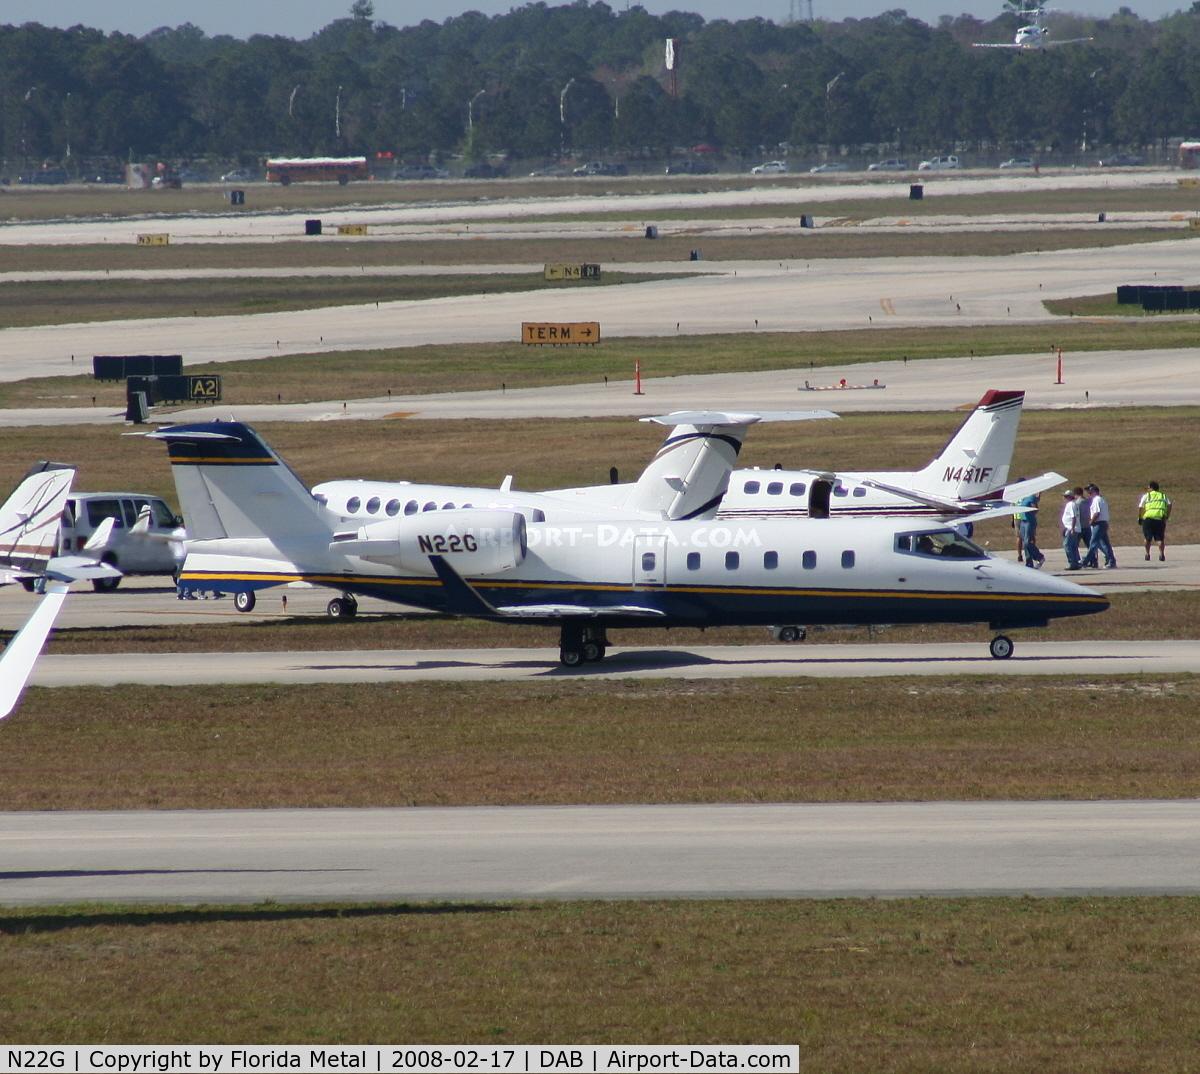 N22G, 1993 Learjet 60 C/N 022, Goodyear's Lear 60